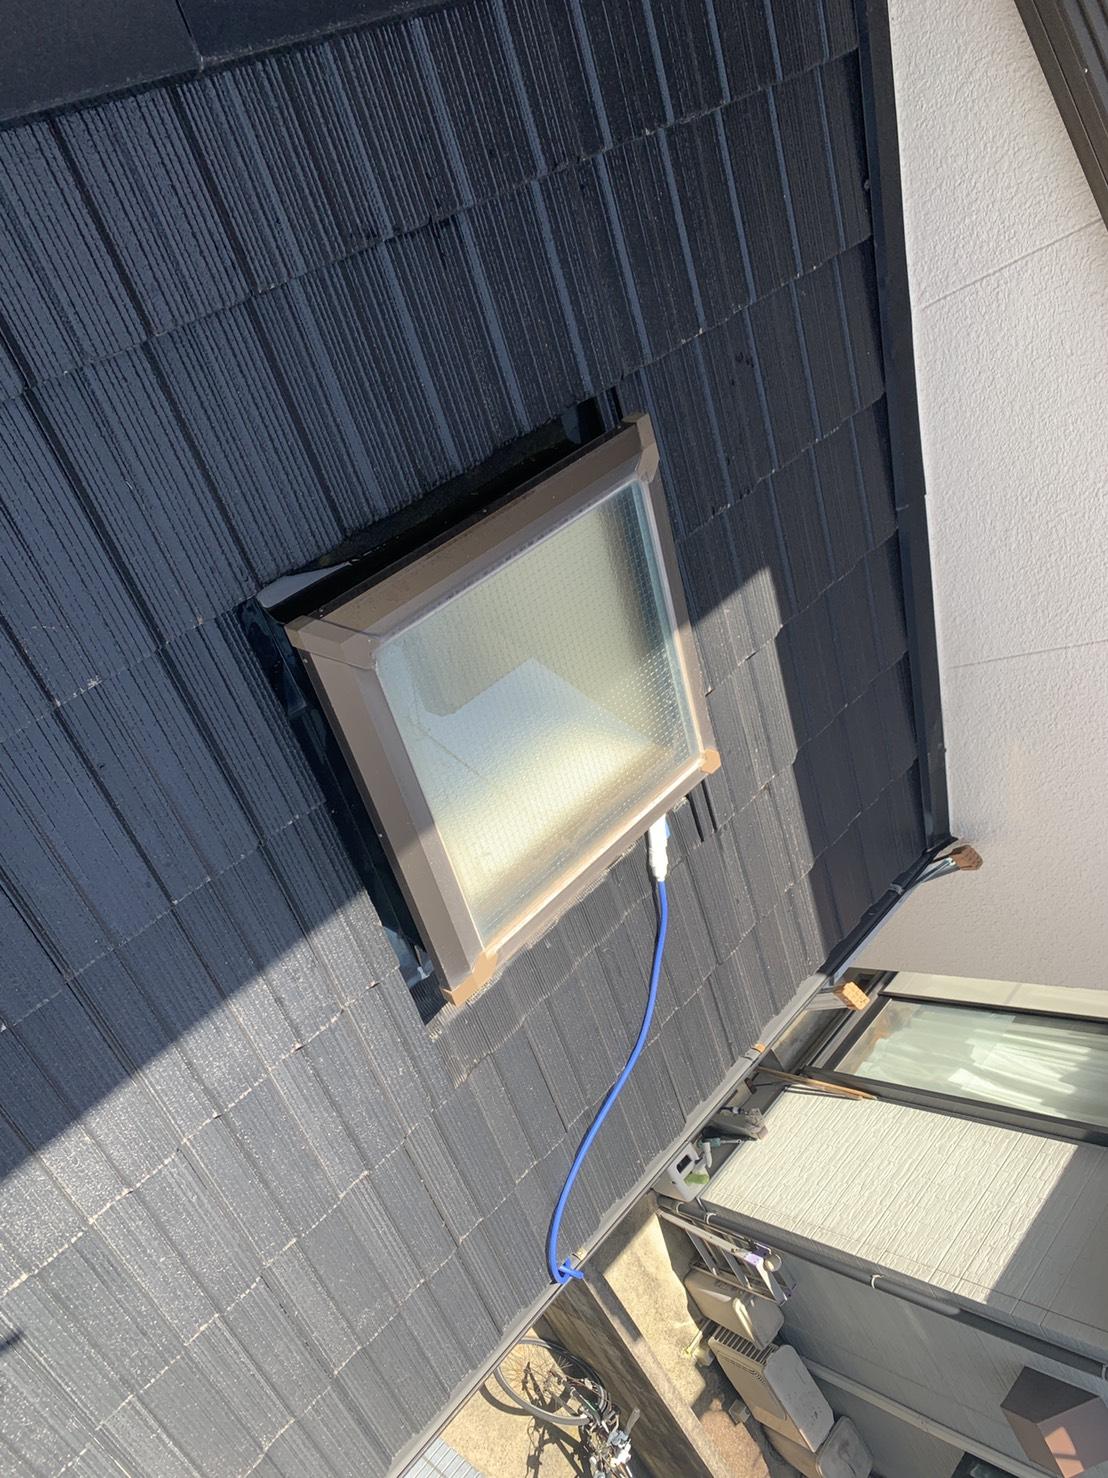 明石市で雨漏りの原因となった天窓付きの下屋根